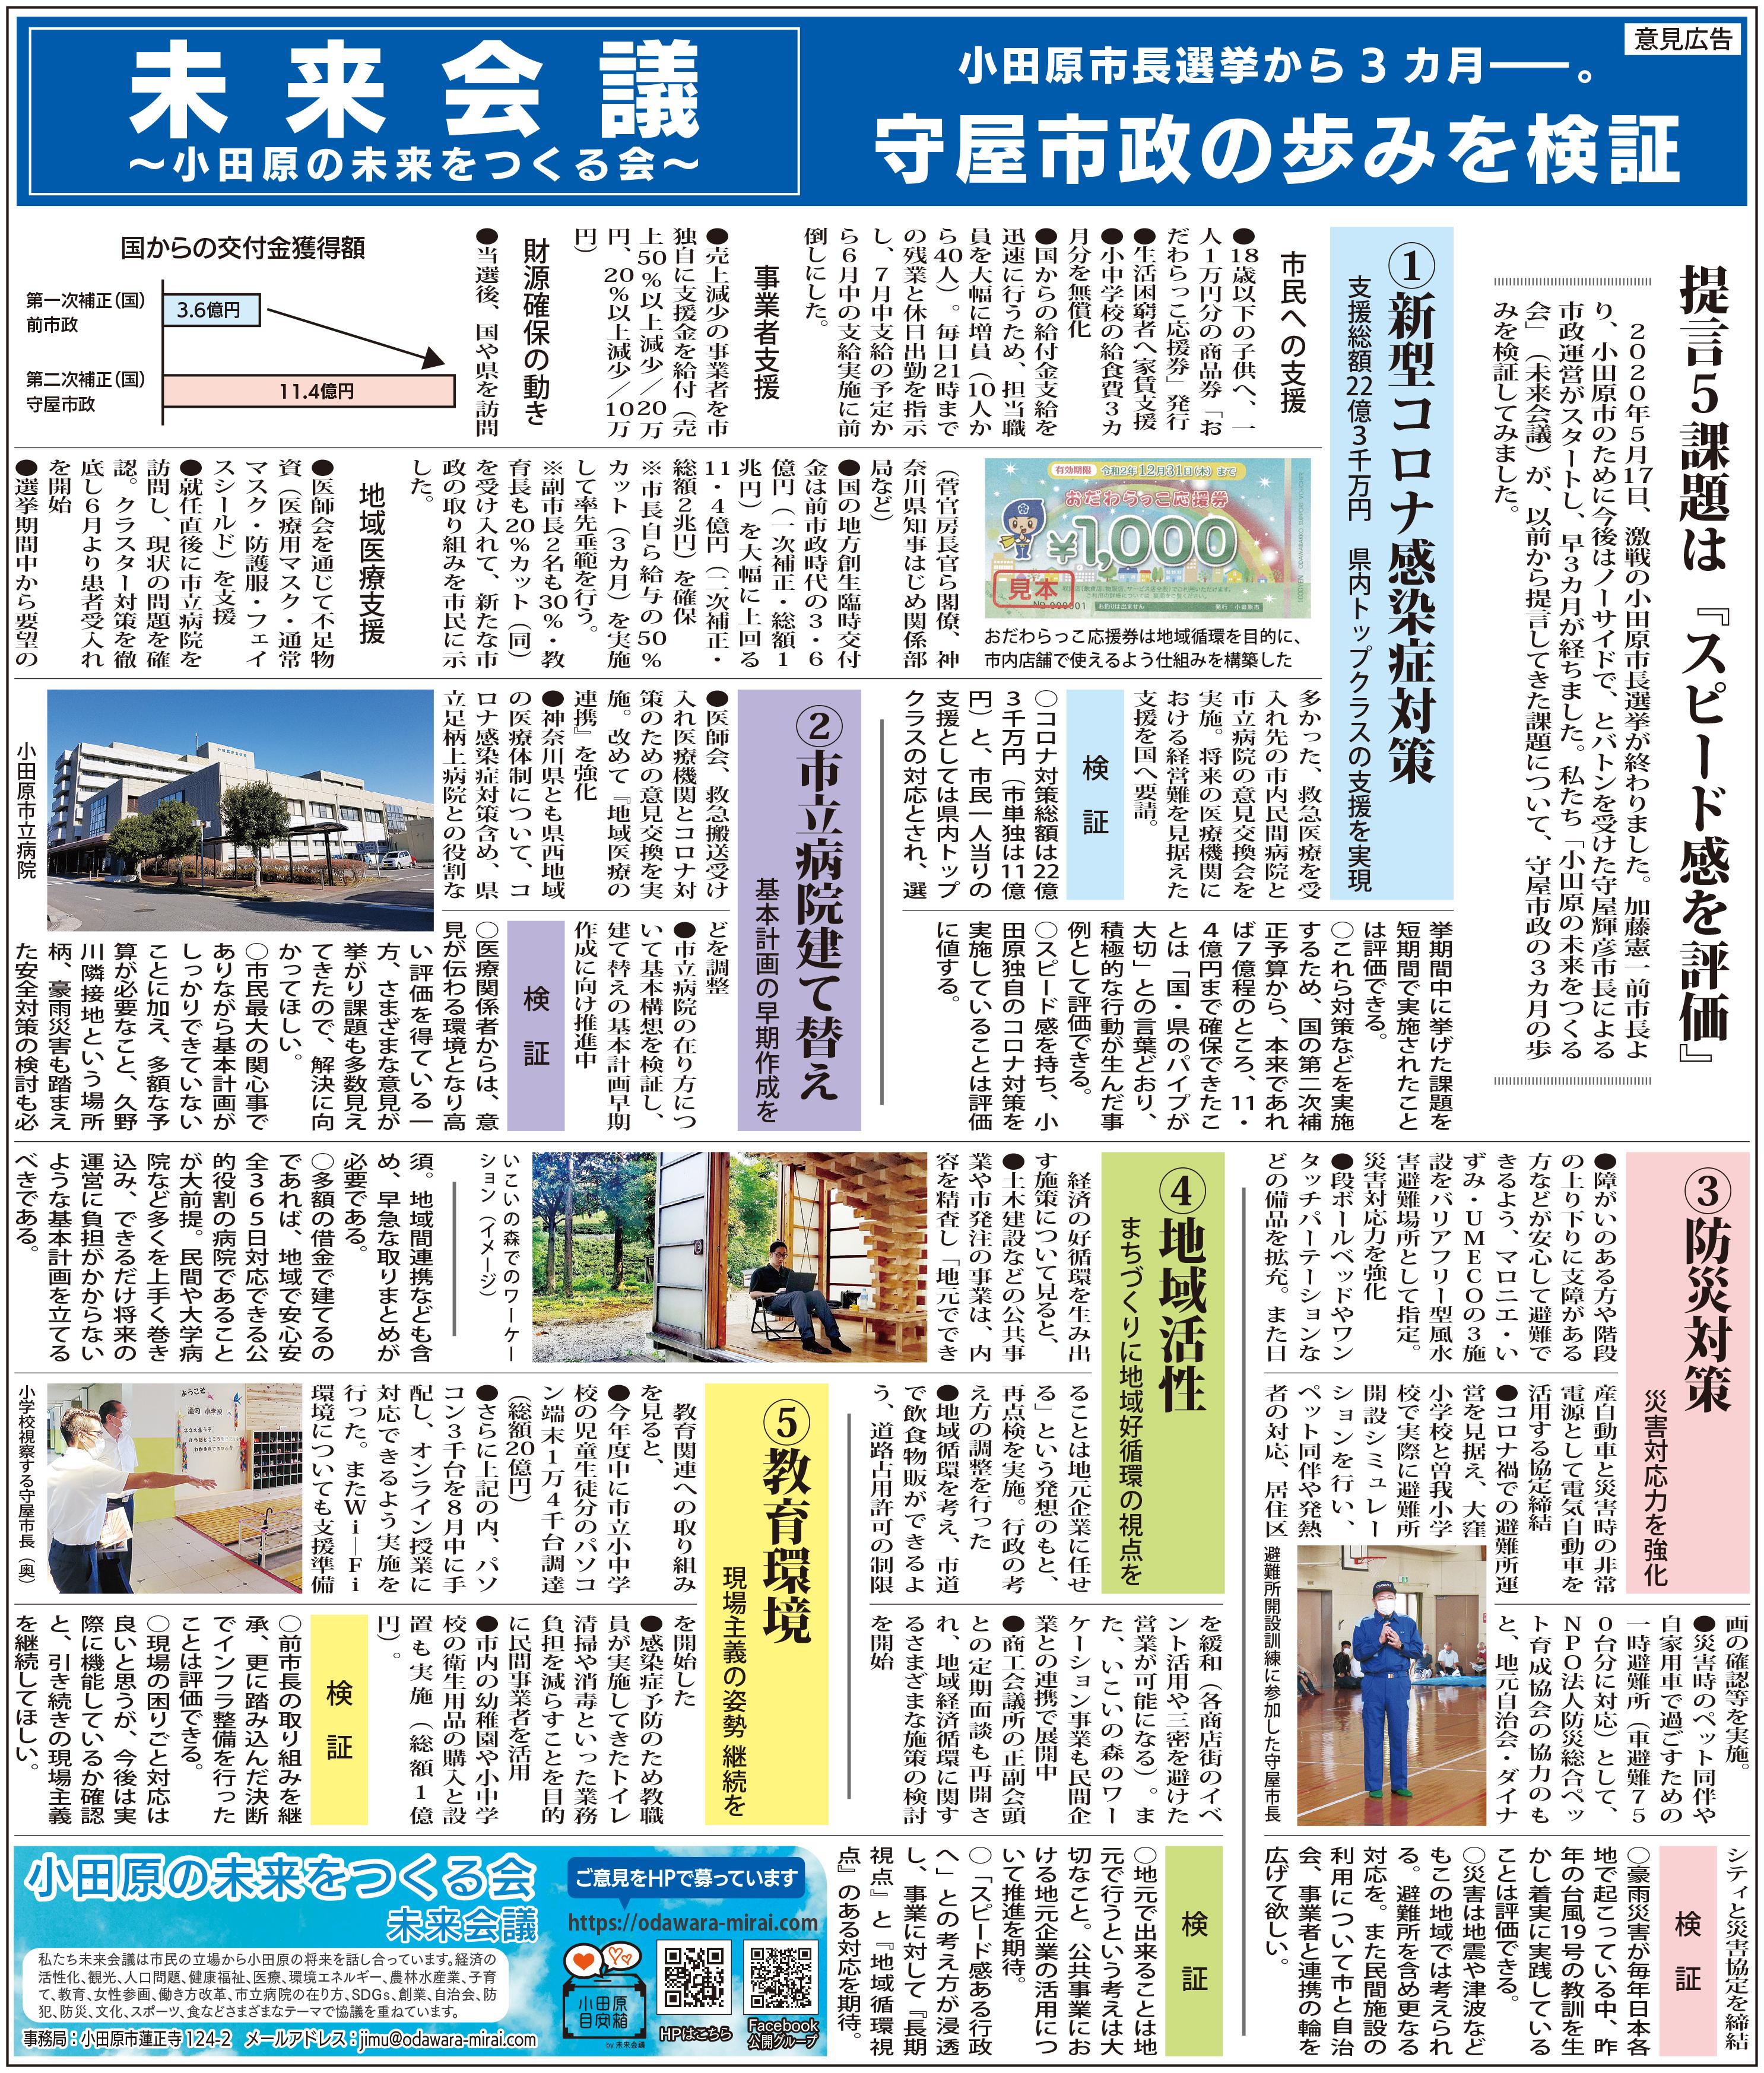 タウンニュース2020年8月29日号